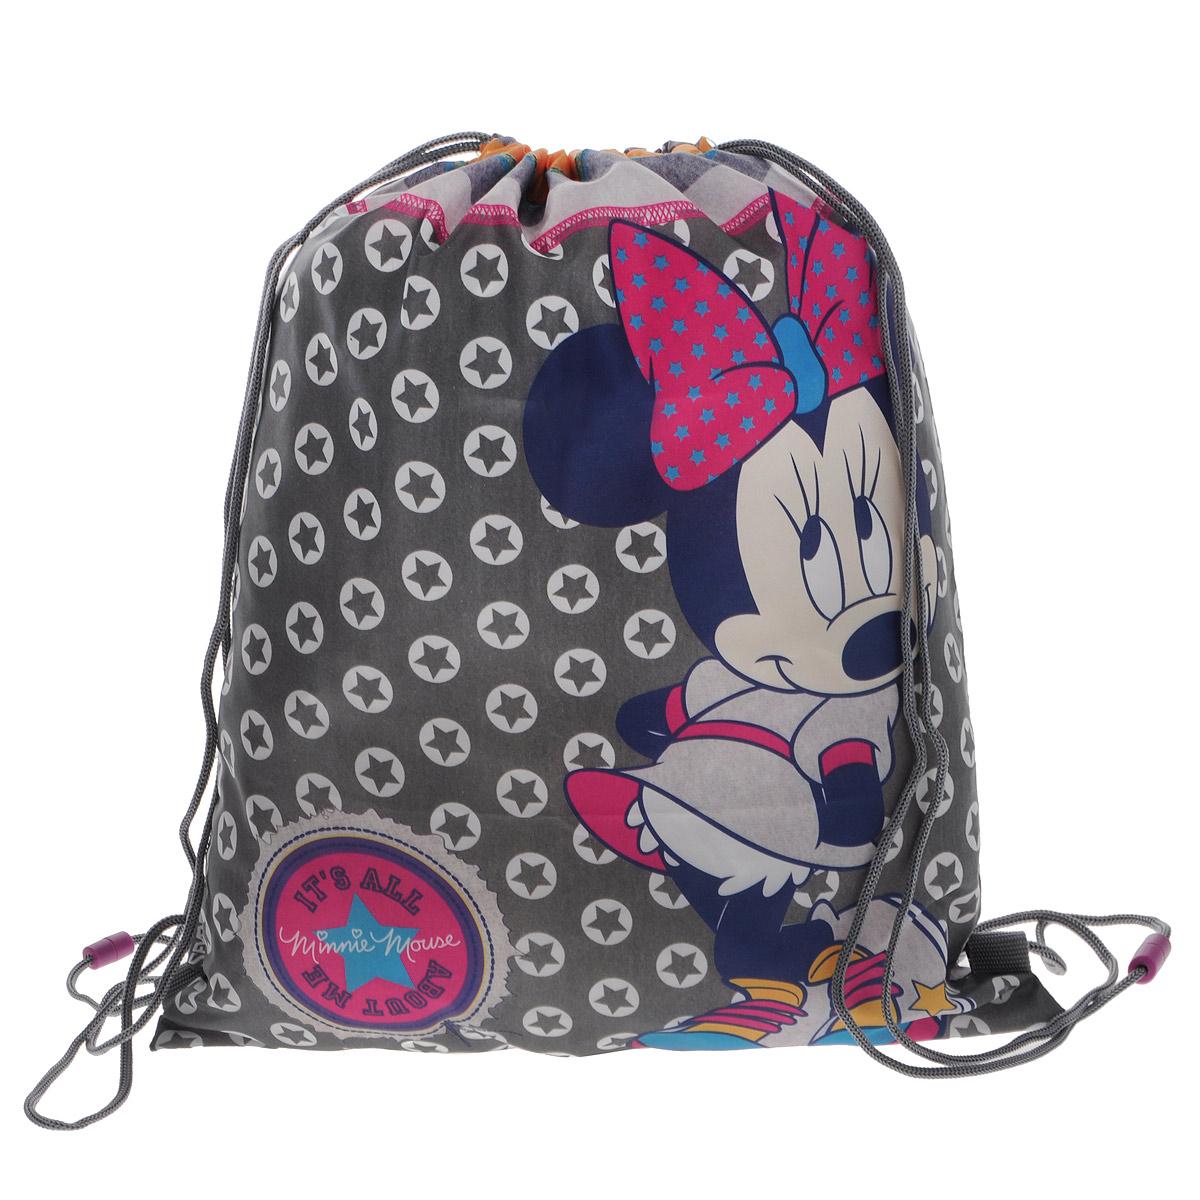 Minnie Mouse Сумка-рюкзак для обуви цвет серый MMCB-UT1-883MMCB-UT1-883Сумка для сменной обуви Minnie Mouse идеально подойдет как для хранения, так и для переноски сменной обуви и одежды.Сумка выполнена из прочного водонепроницаемого полиэстера и содержит одно вместительное отделение, затягивающееся с помощью текстильных шнурков. Шнурки фиксируются в нижней части сумки, благодаря чему ее можно носить за спиной как рюкзак.Оформлено изделие изображением любимого героя из мультфильма. Ваш ребенок с радостью будет ходить с таким аксессуаром в школу.